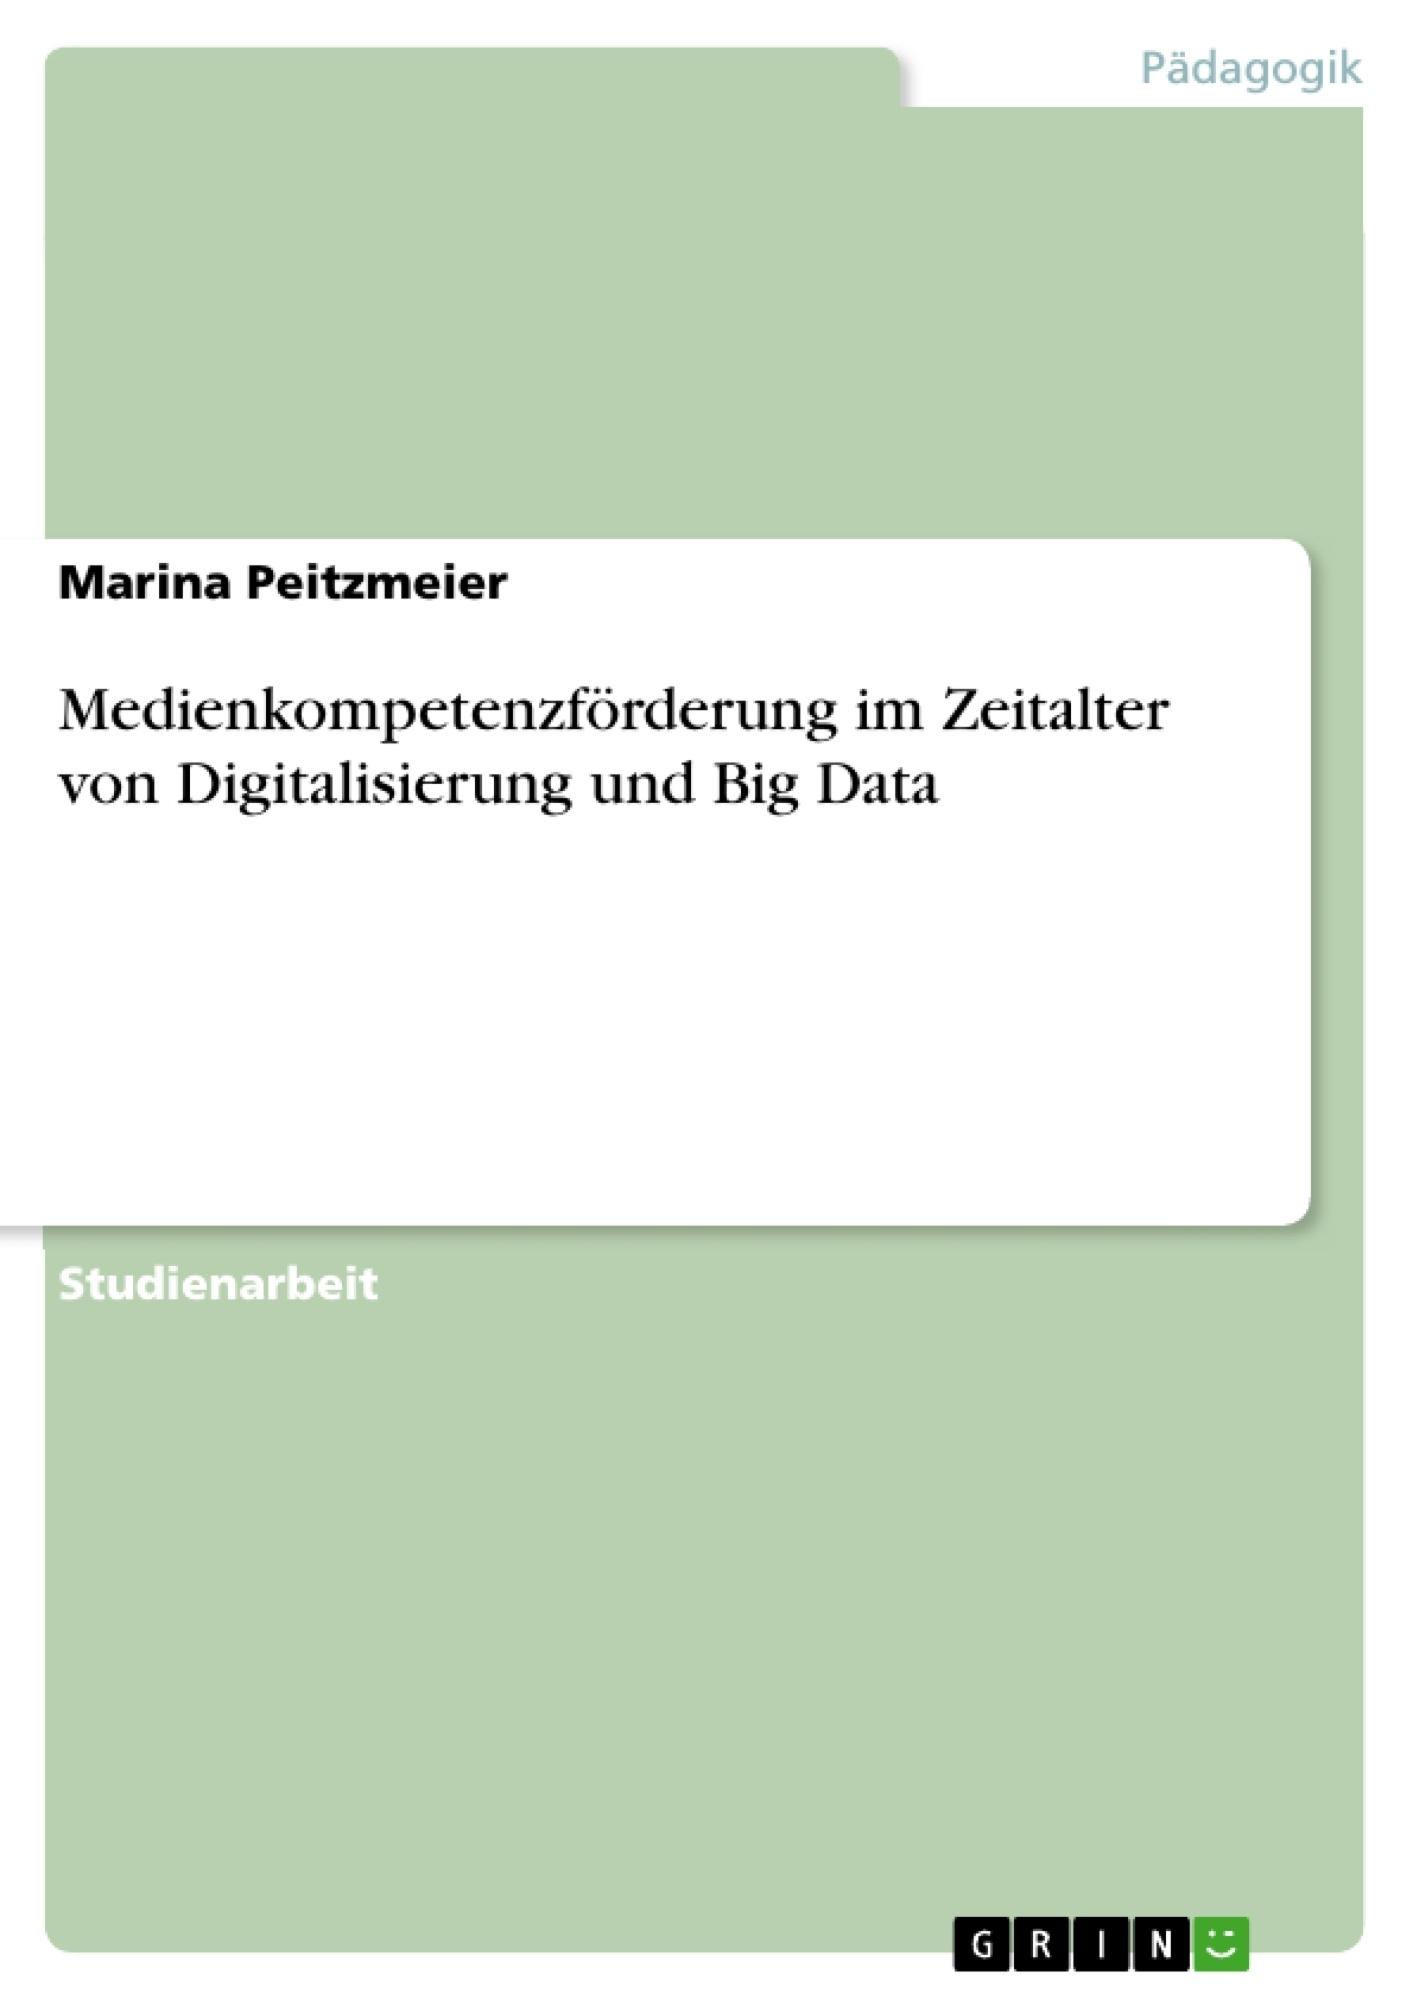 Titel: Medienkompetenzförderung im Zeitalter von Digitalisierung und Big Data